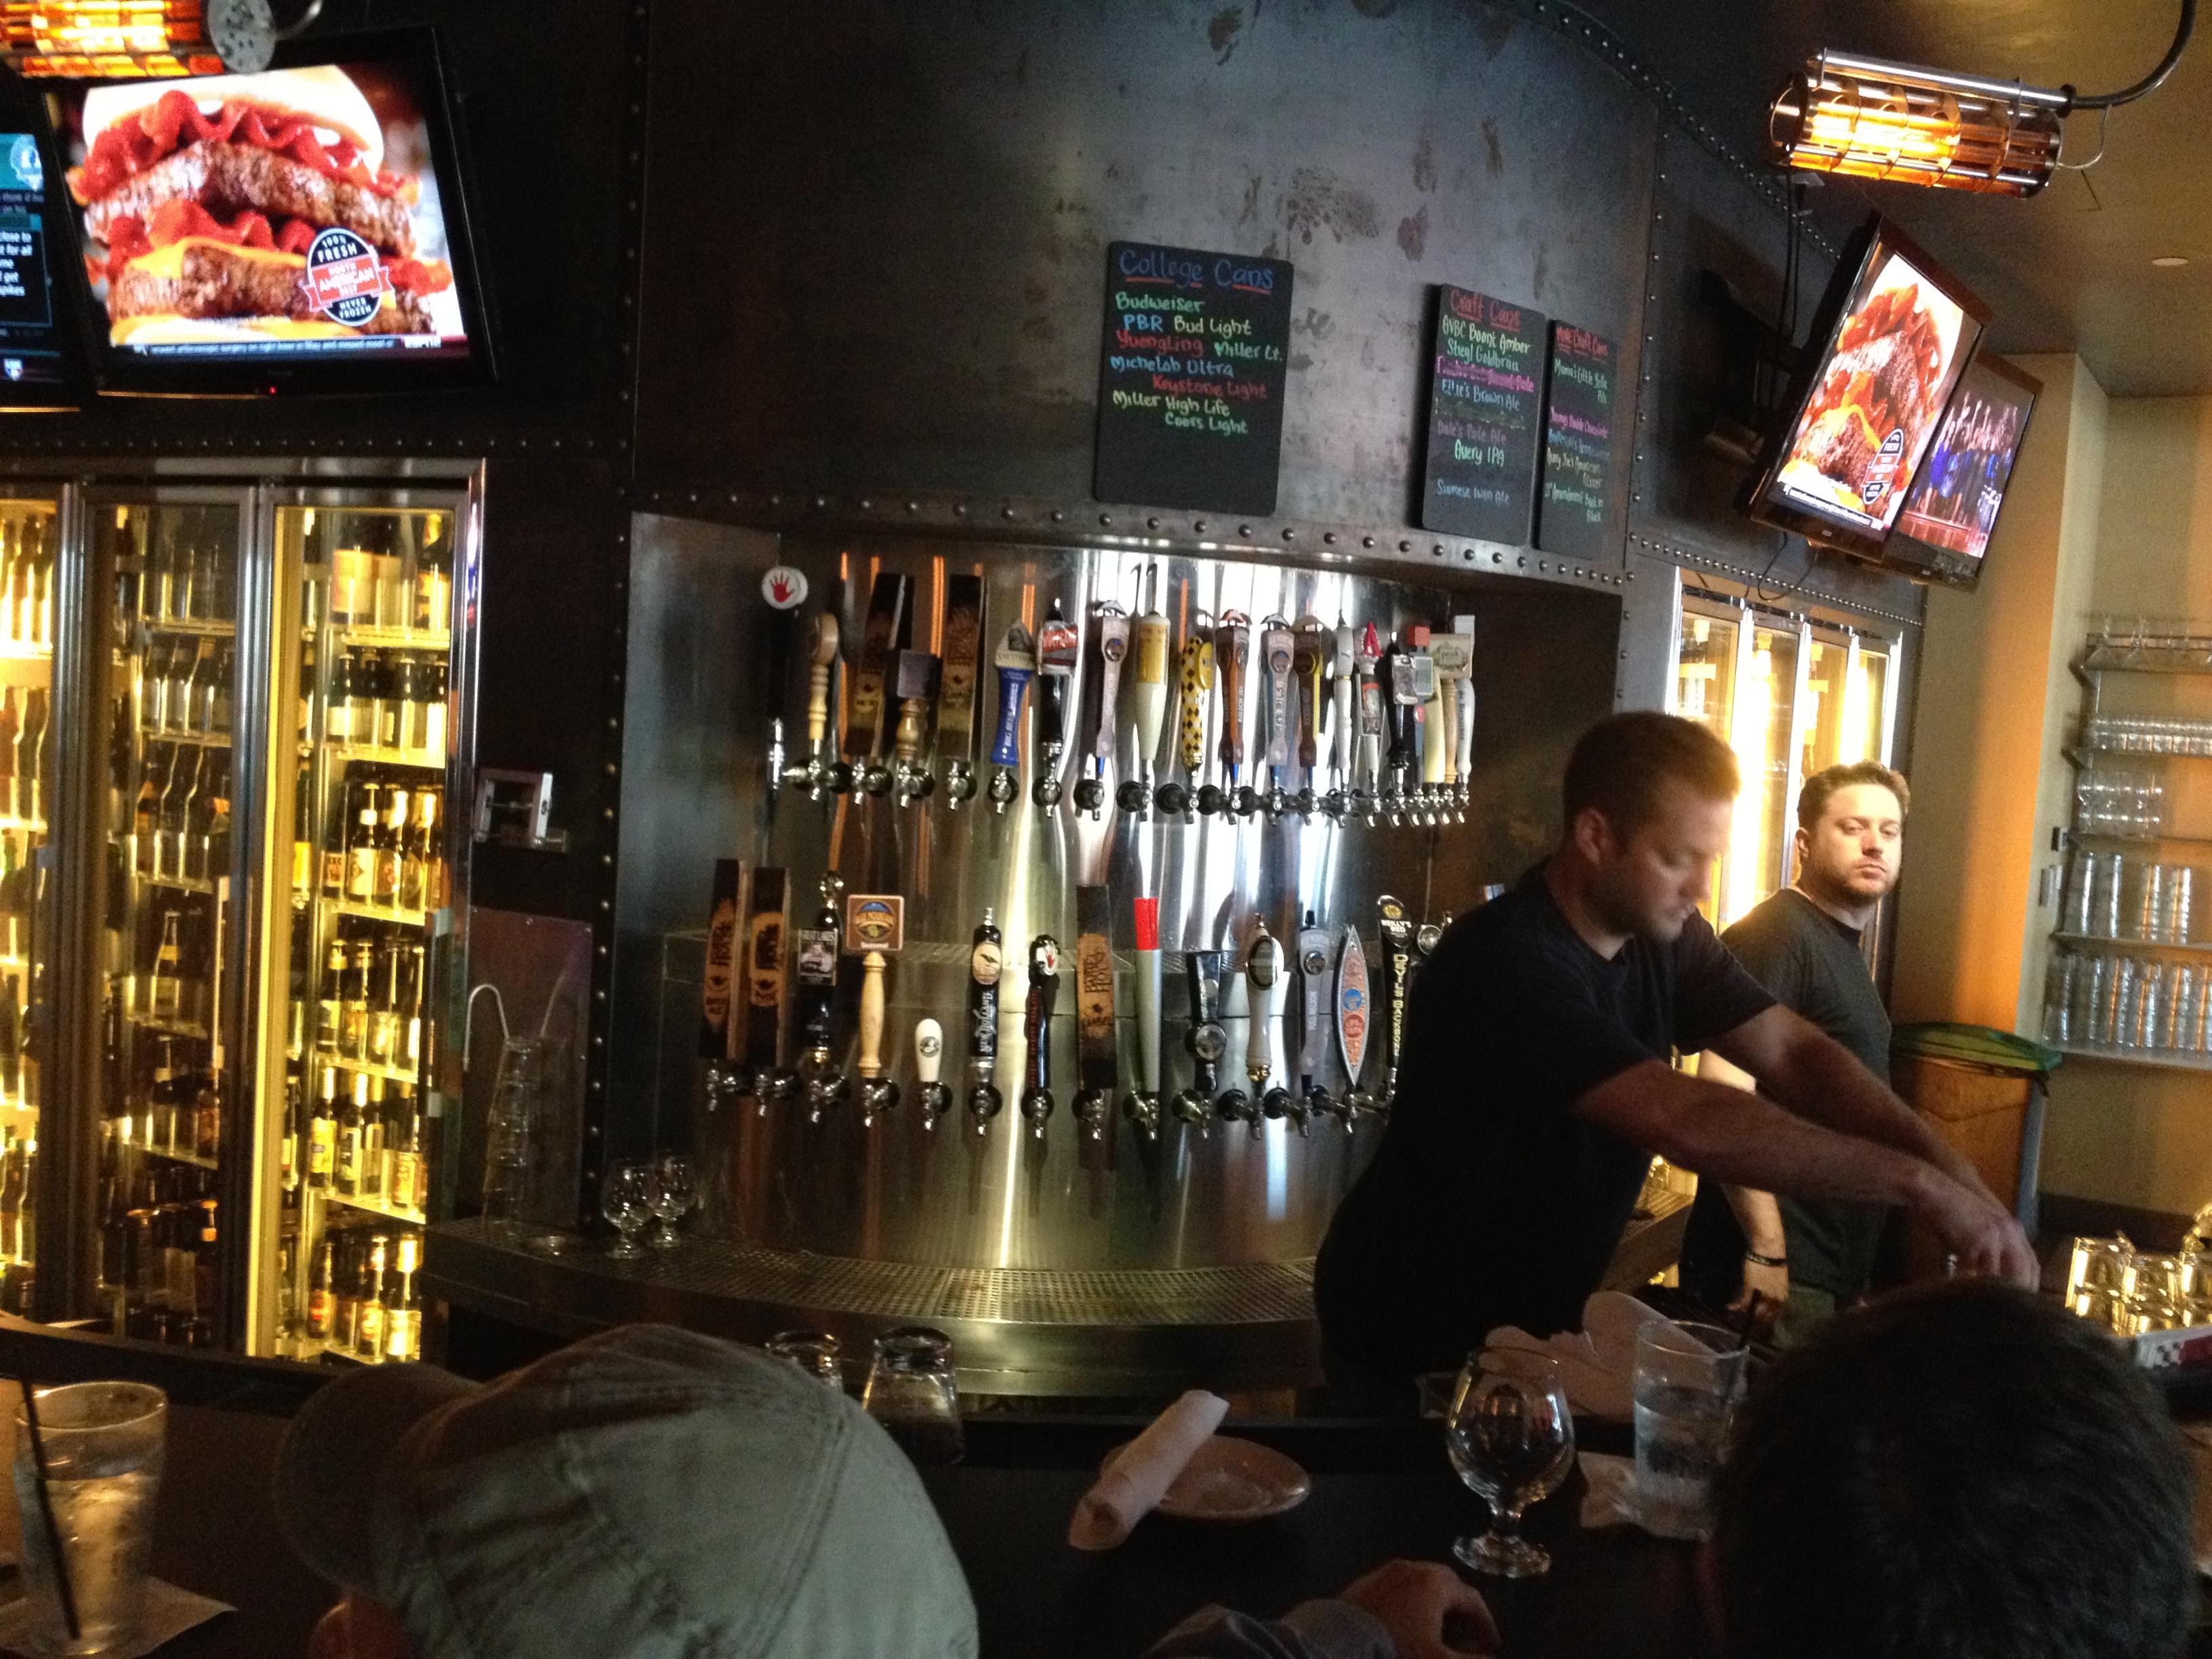 Rustico Ballston Happy Hour Unique Eats Dc